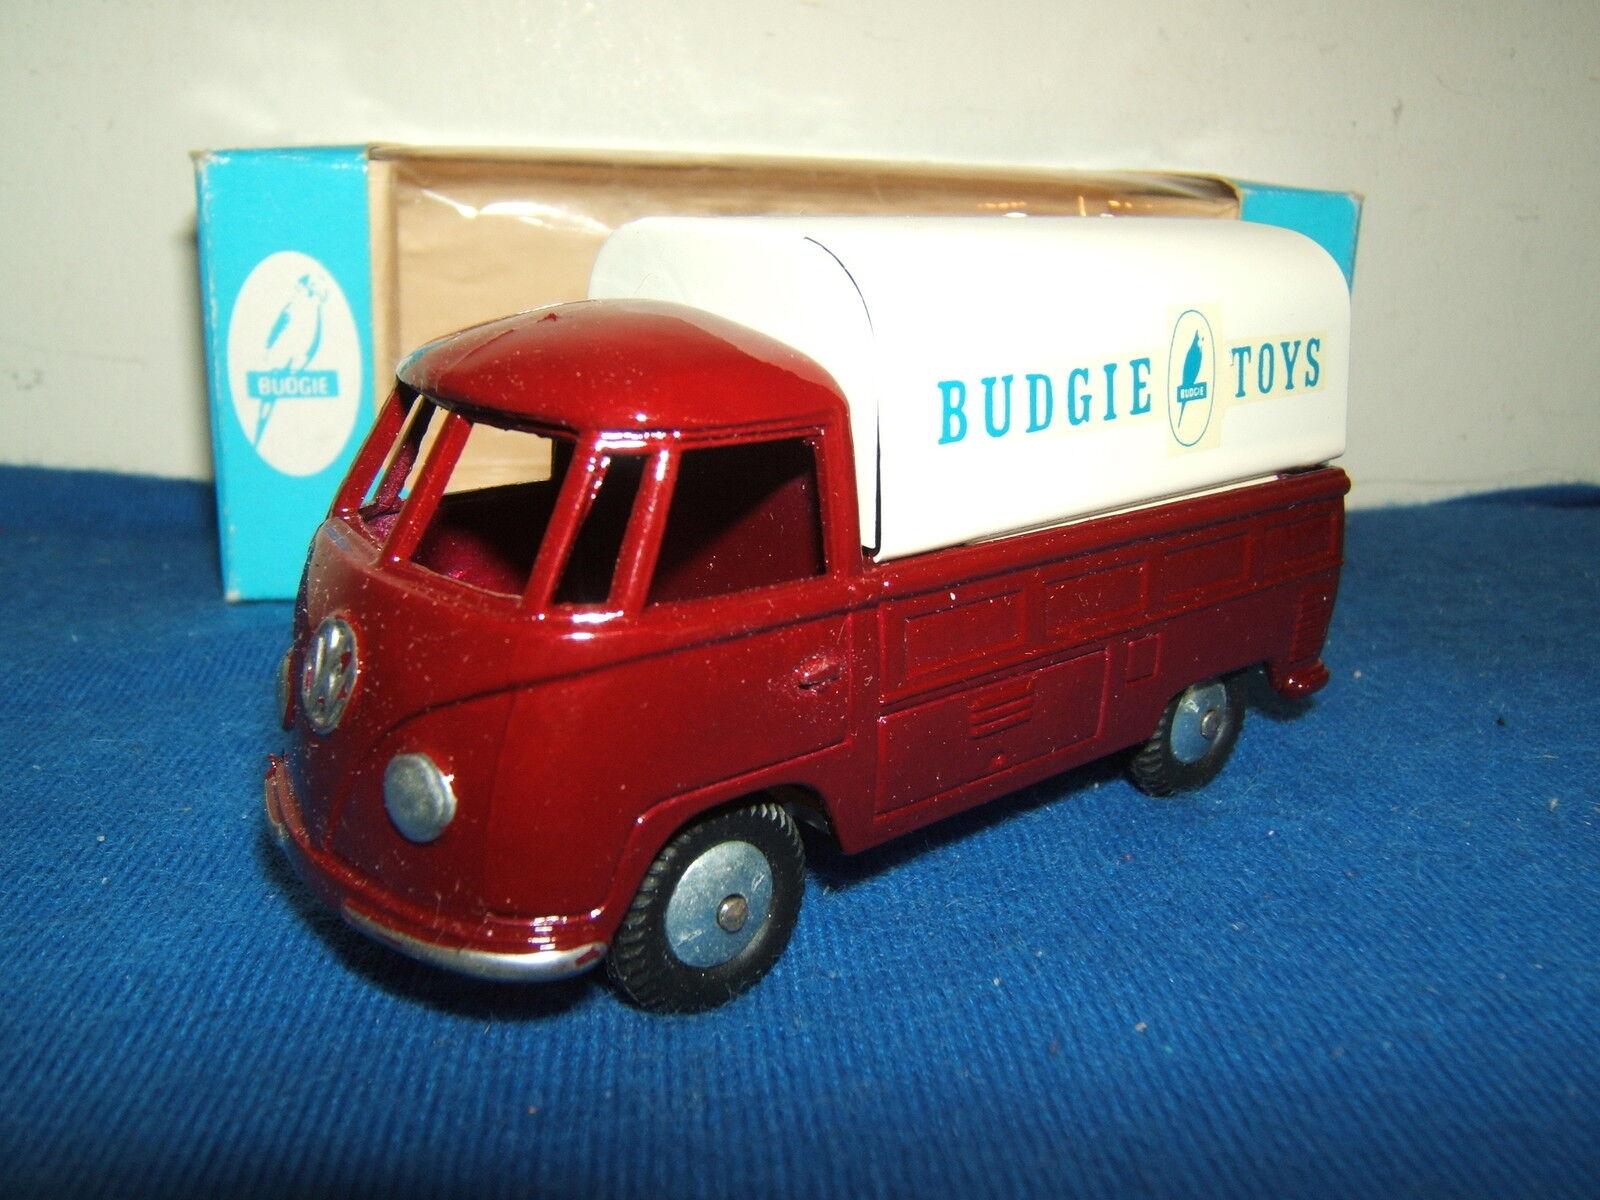 hermoso Budgie Juguetes Modelo No.204 Volkswagen Pick-up 'Budgie Juguetes' código código código 3 MIB  tomar hasta un 70% de descuento